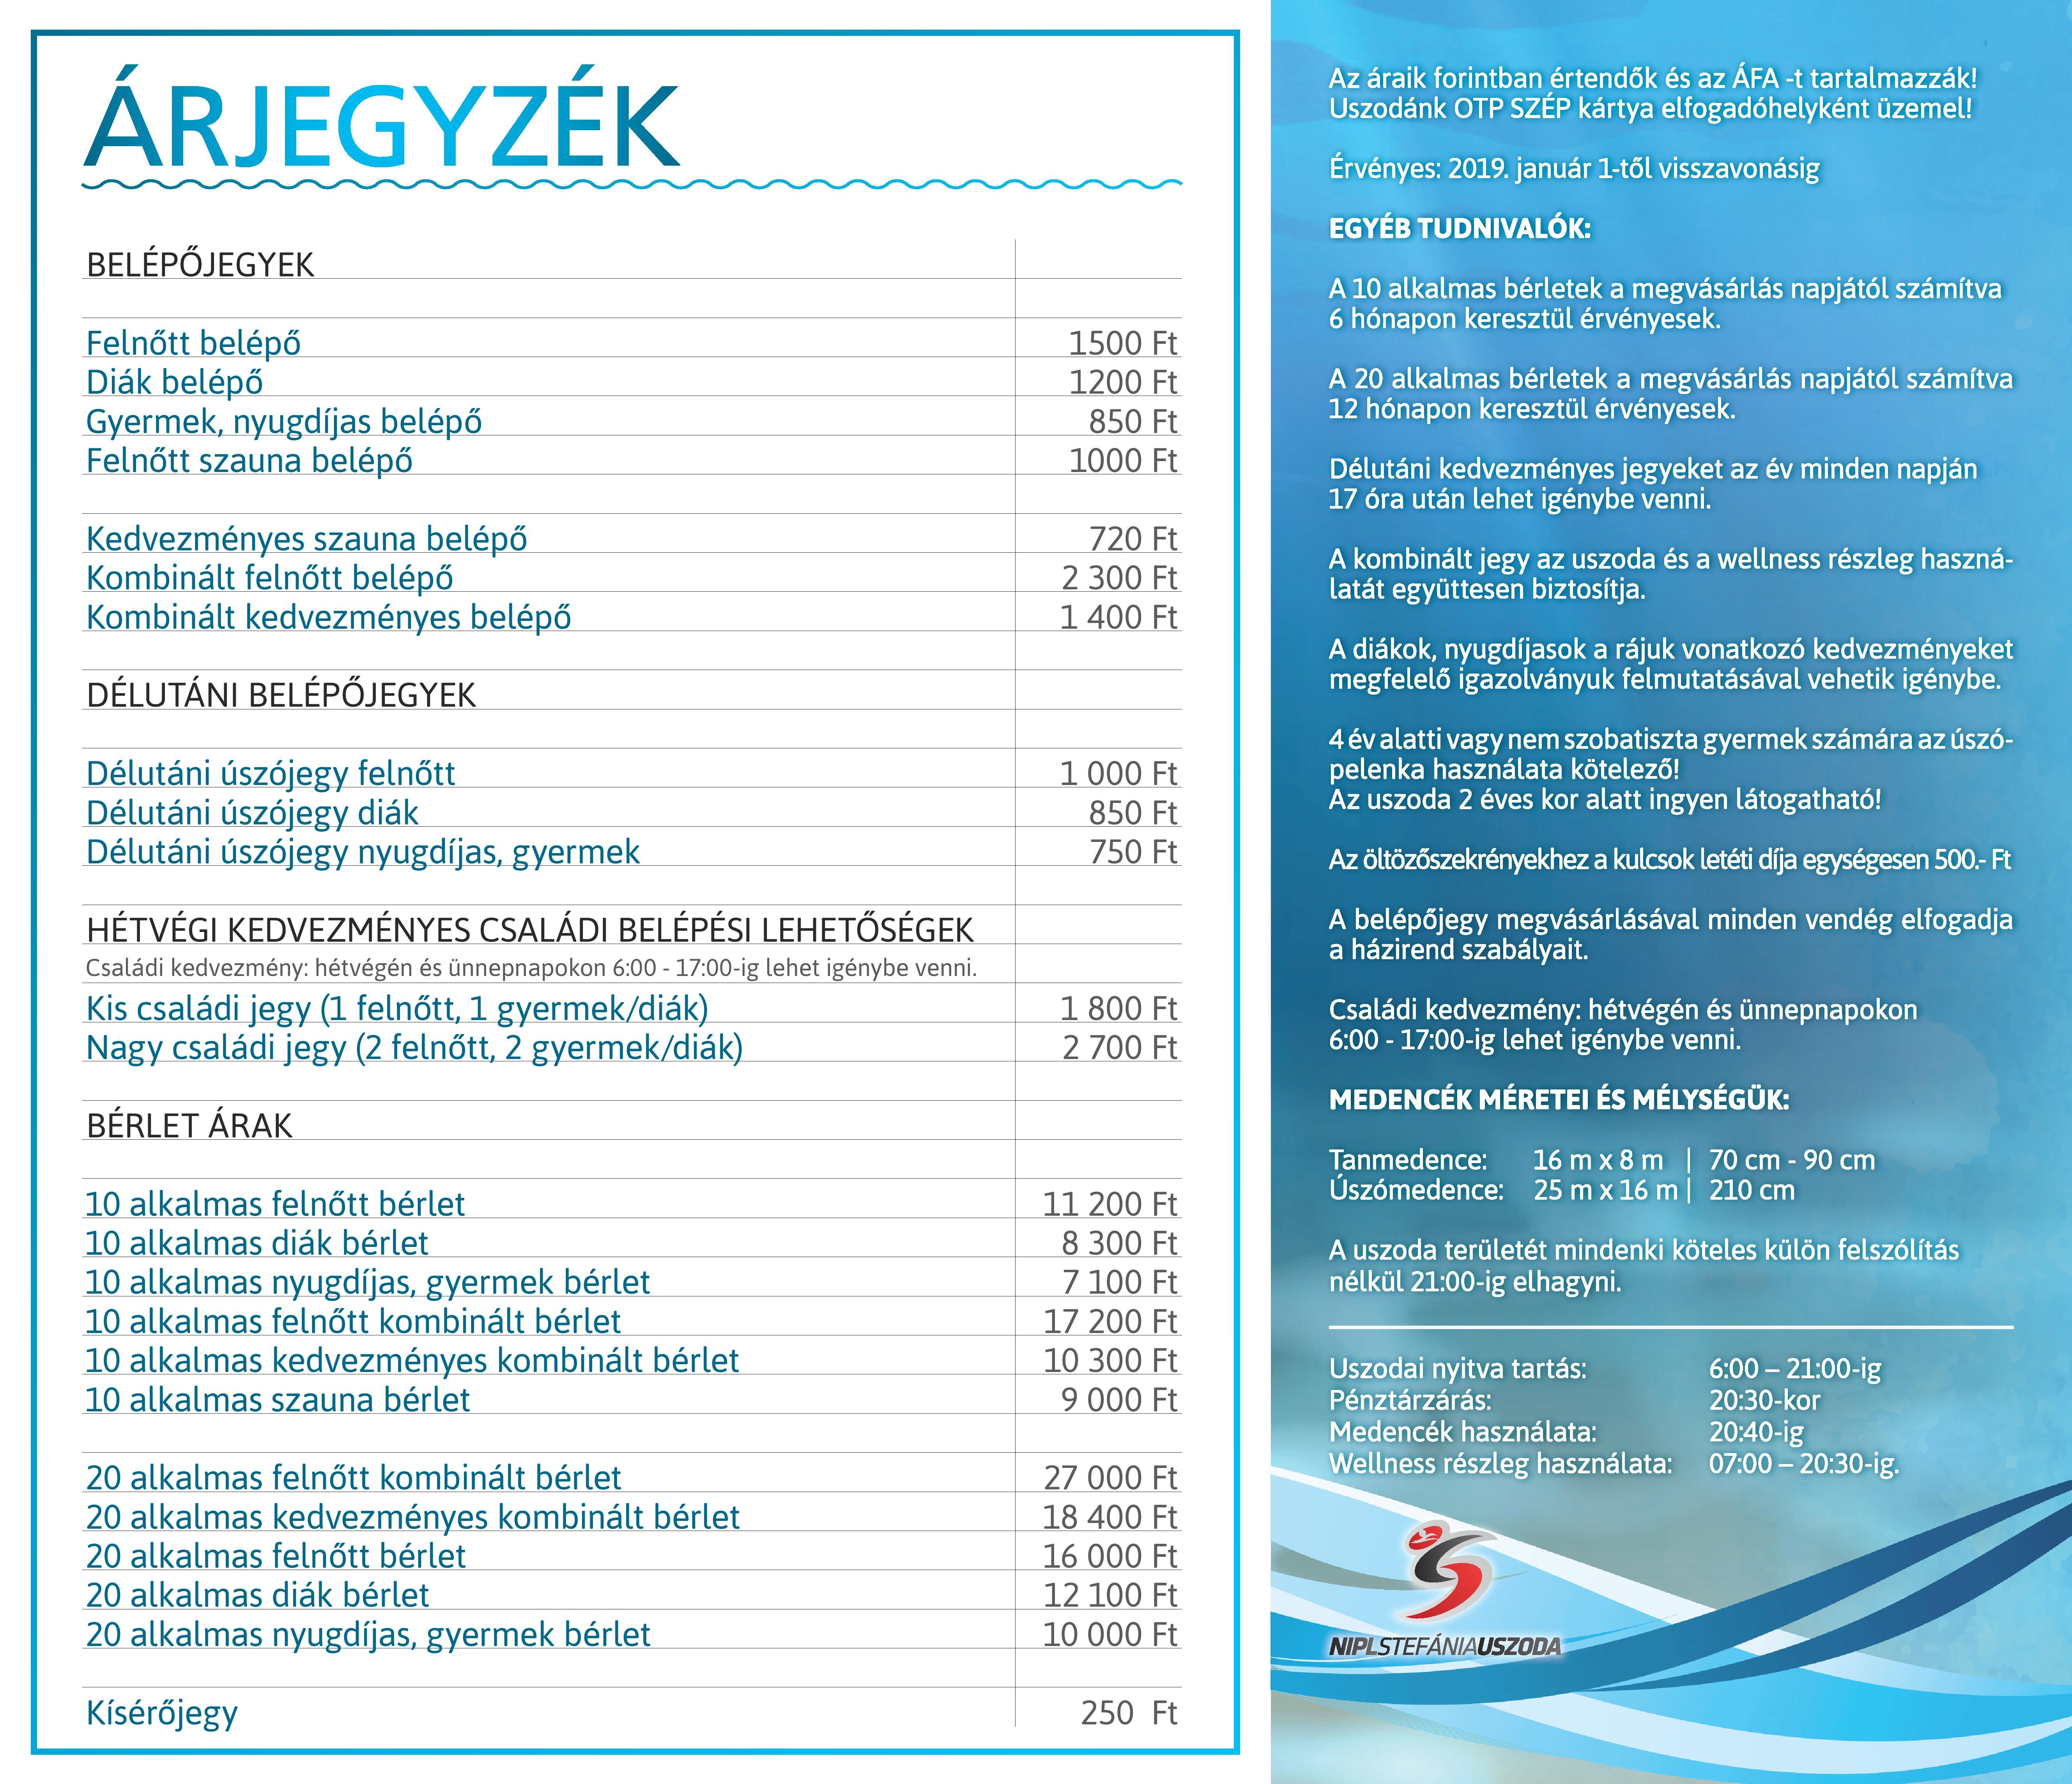 arjegyzek_tabla_jav-page-001